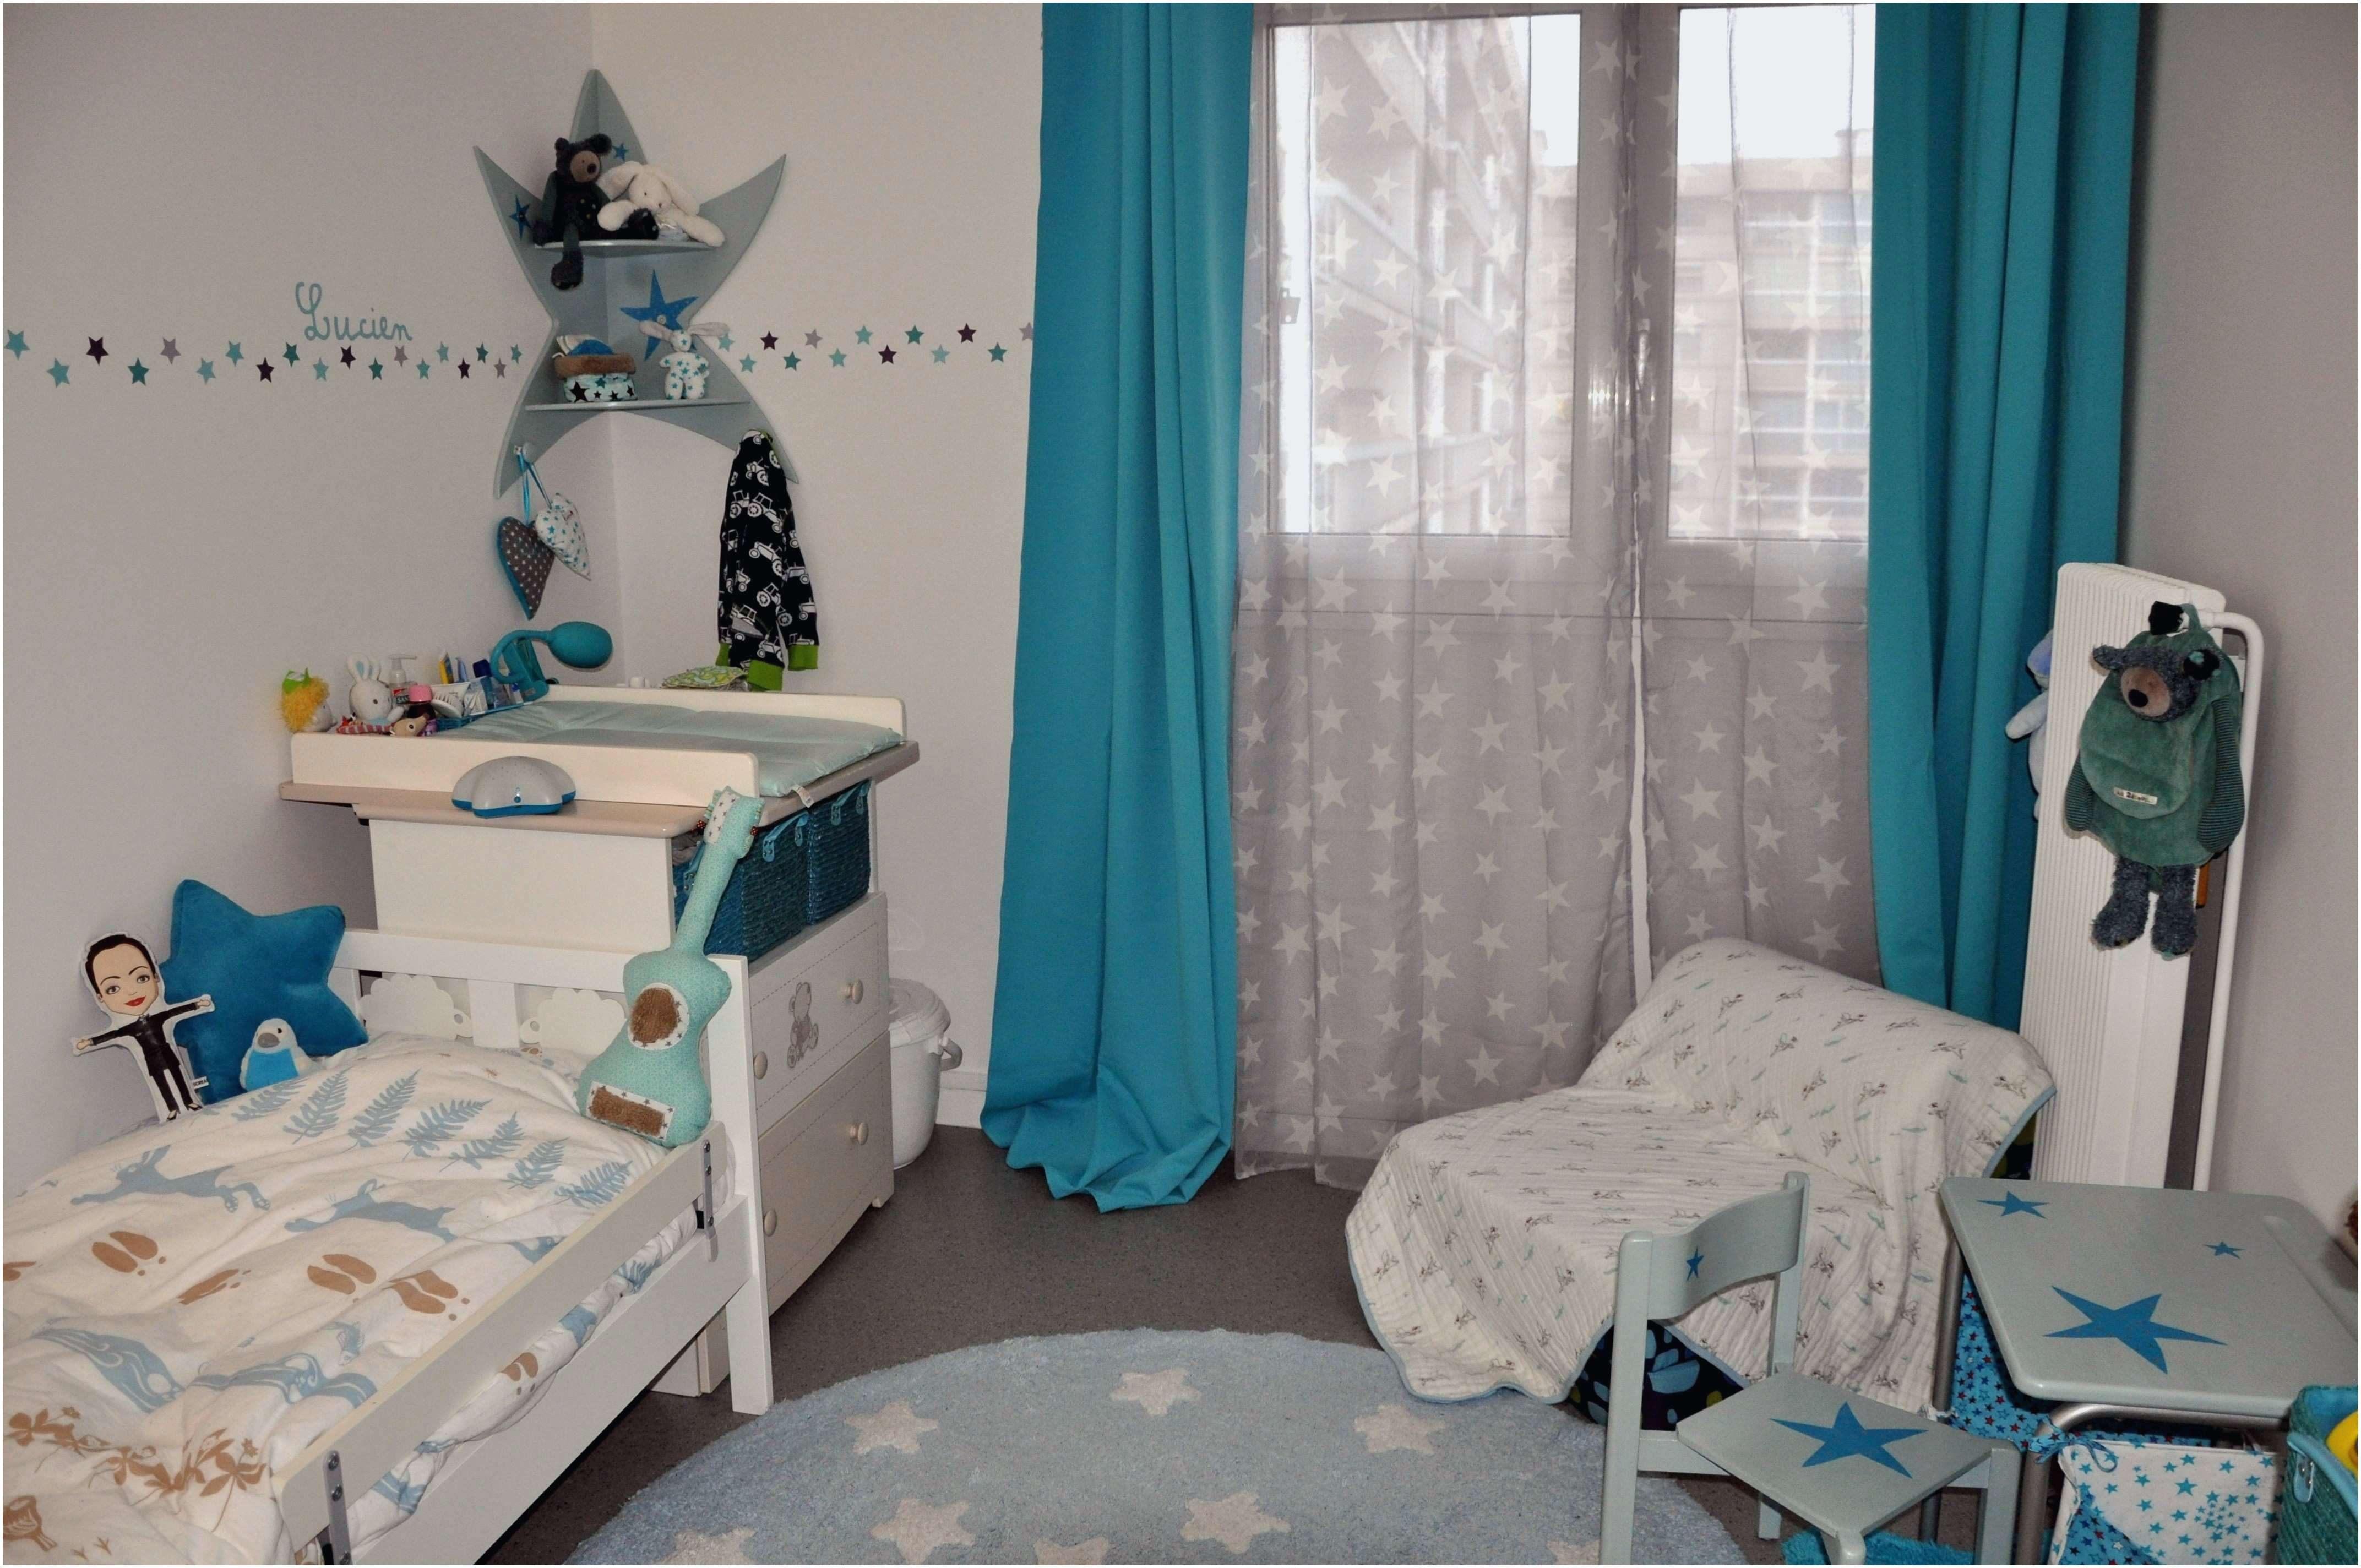 Parure De Lit Bébé Fille Joli Unique Chambre De Bébé Fille Parc B C3 A9b C3 A9 Gris Parer] 100